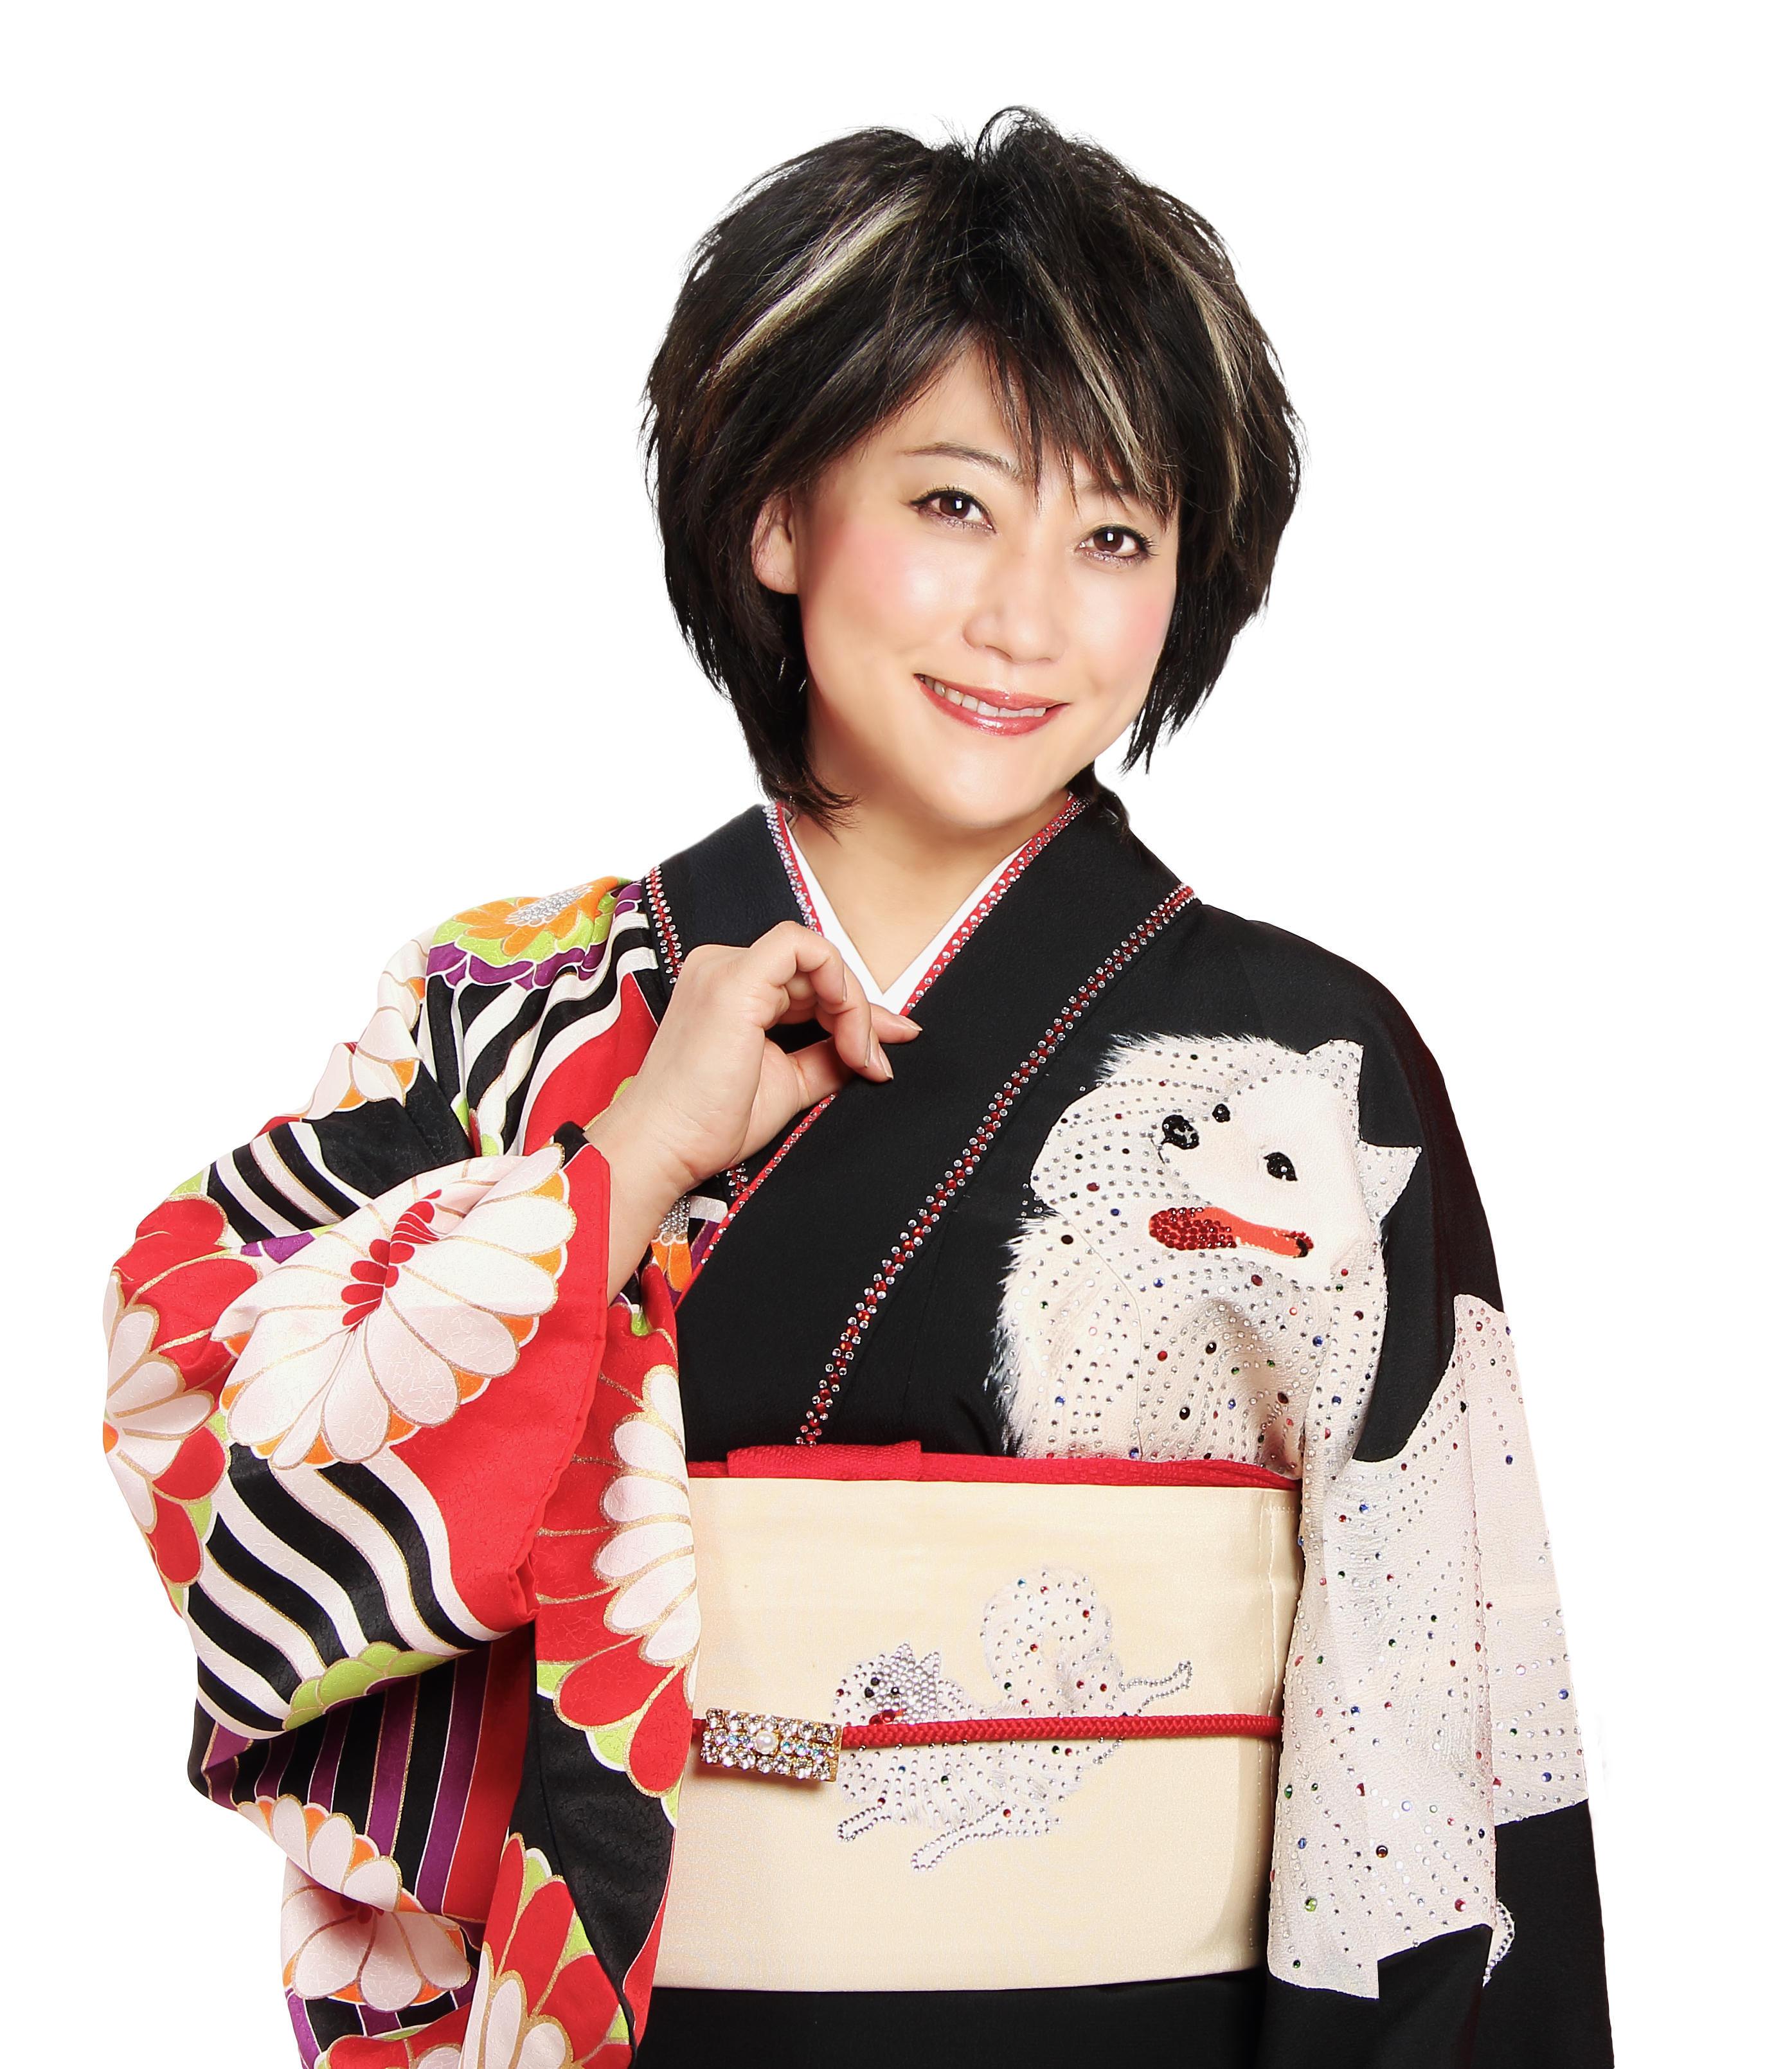 http://news.yoshimoto.co.jp/20171016154927-0f6d51f340da59bffa4b3879f8e786b88536a2d1.jpg